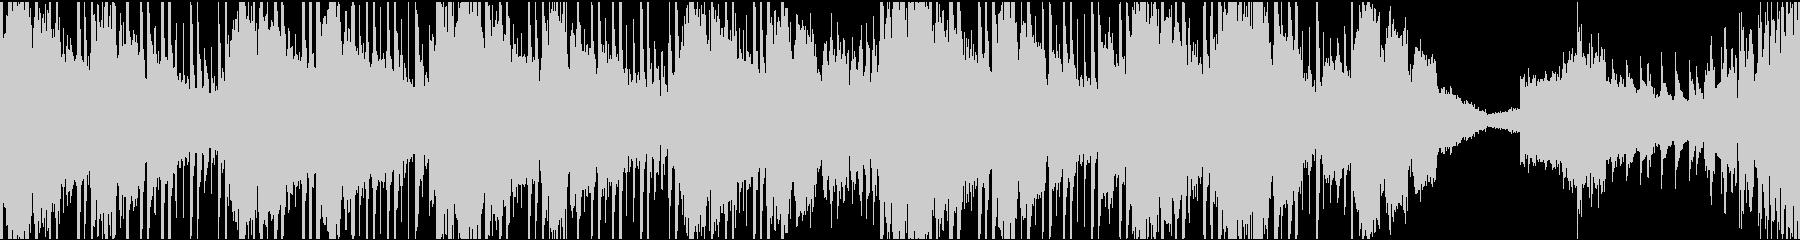 シンセサイザーっぽい音色のループ音楽の未再生の波形